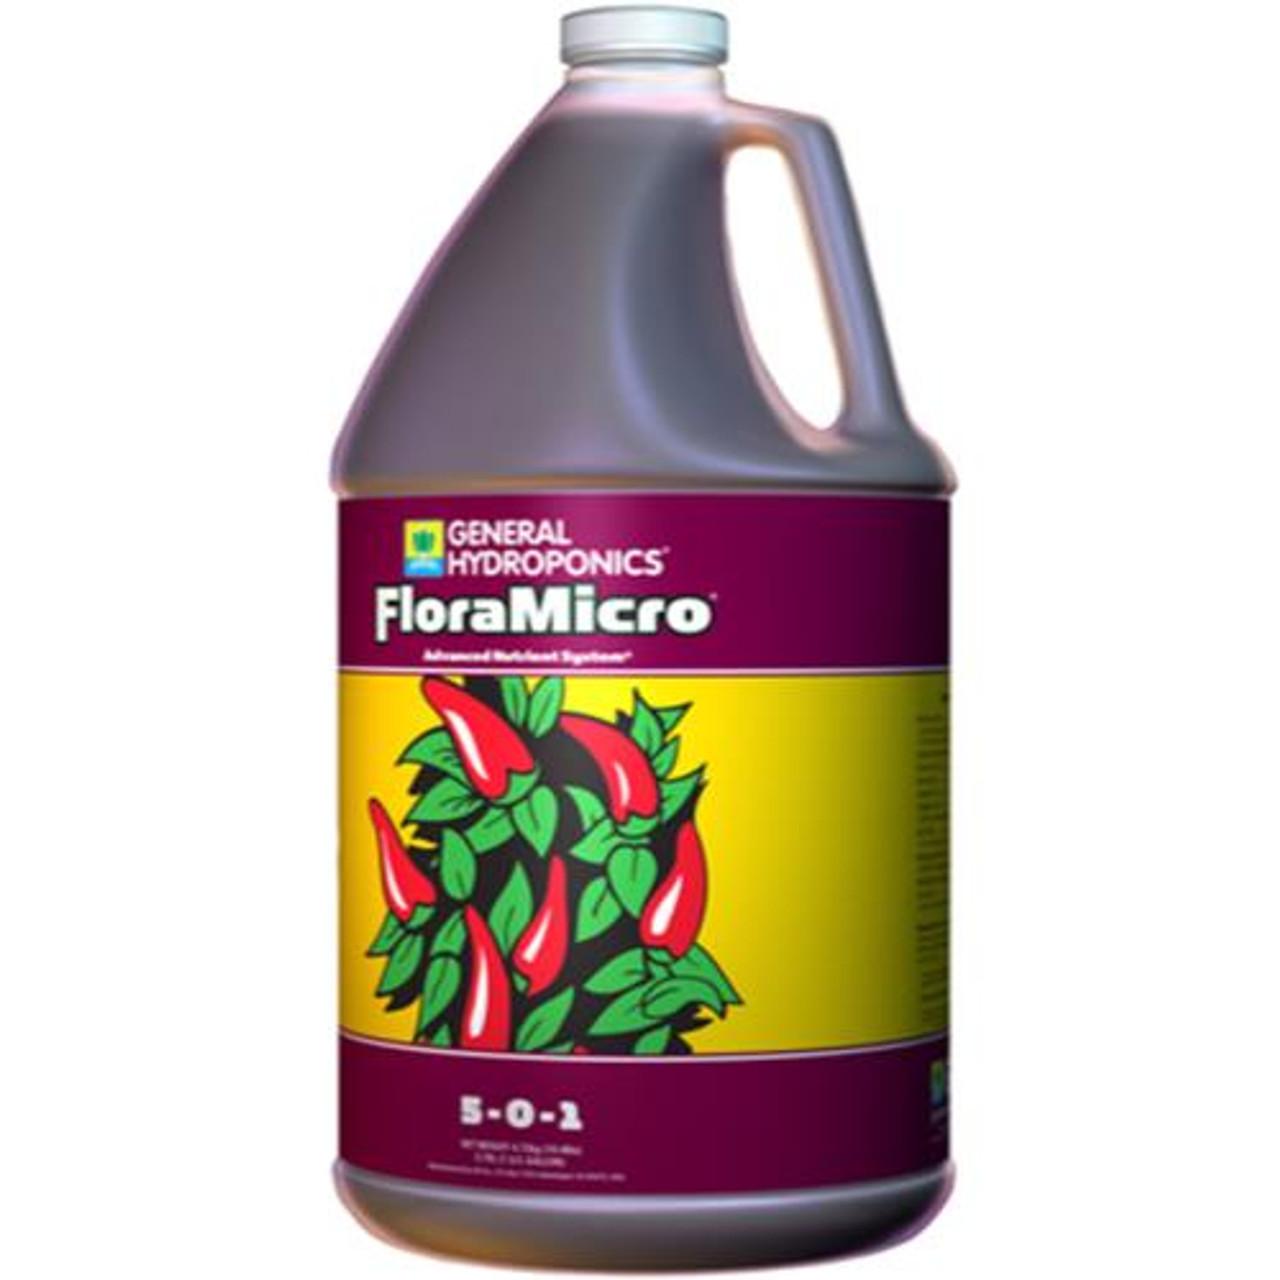 General Hydroponics® FloraMicro® 5 - 0 - 1 Gallon